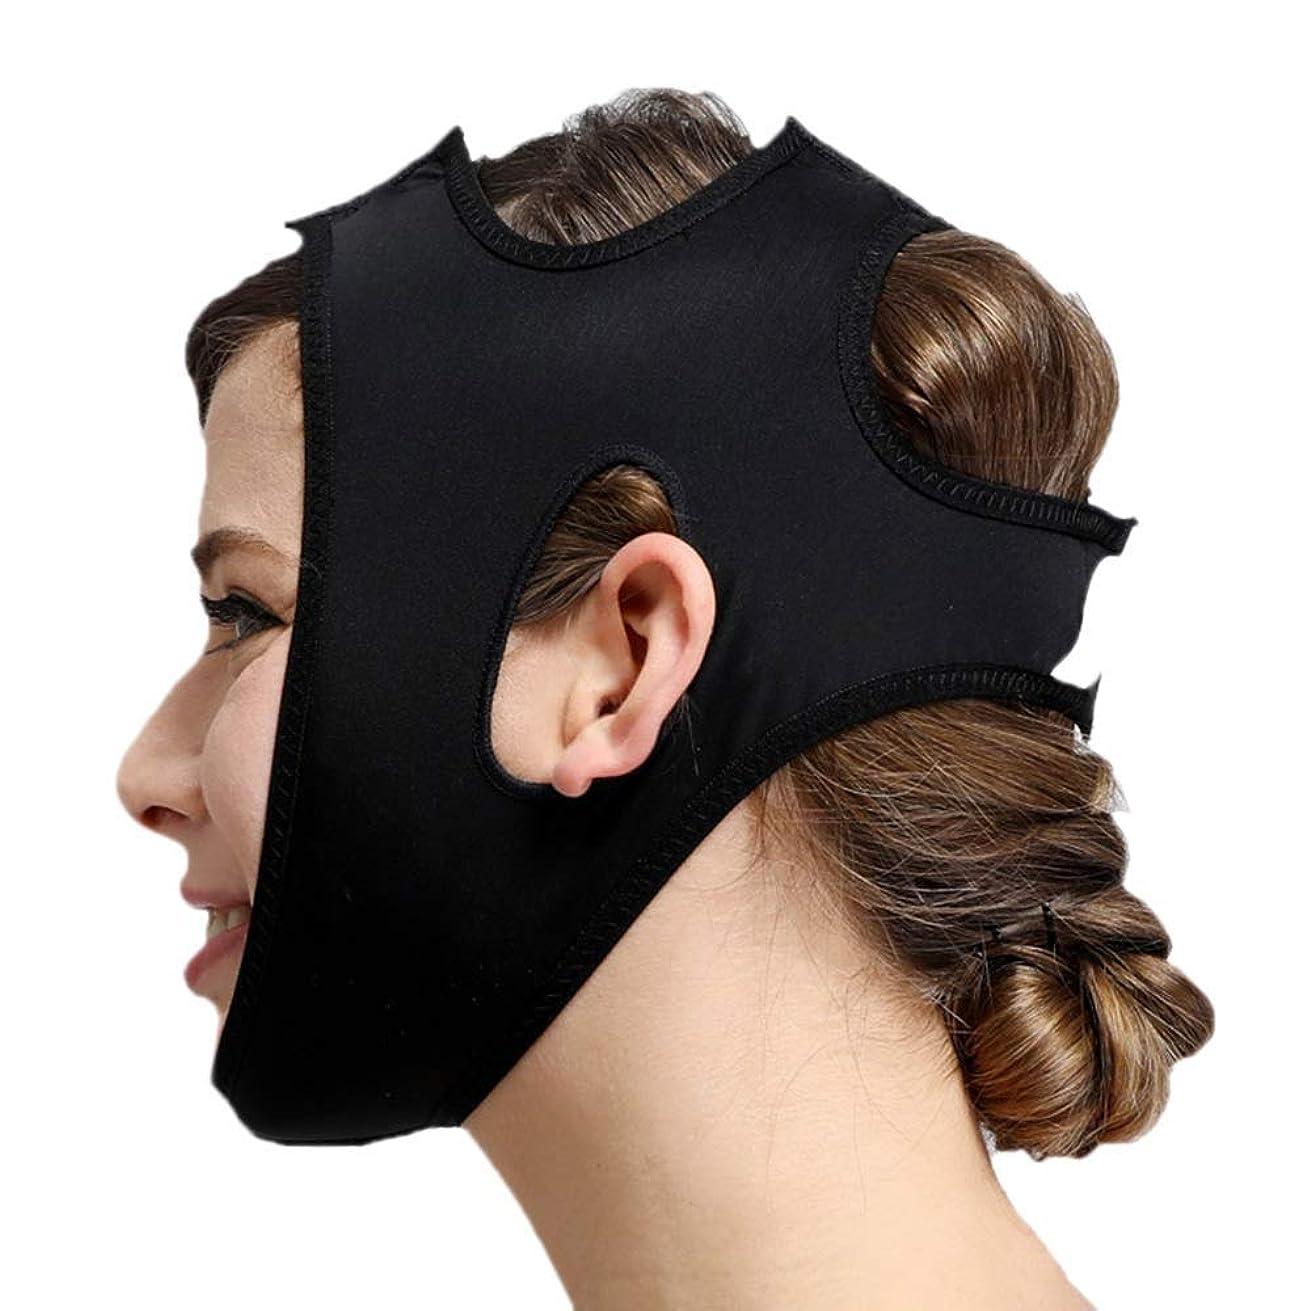 有望宿悪のフェイススリミングマスク、快適さと通気性、フェイシャルリフティング、輪郭の改善された硬さ、ファーミングとリフティングフェイス(カラー:ブラック、サイズ:XL),黒、L